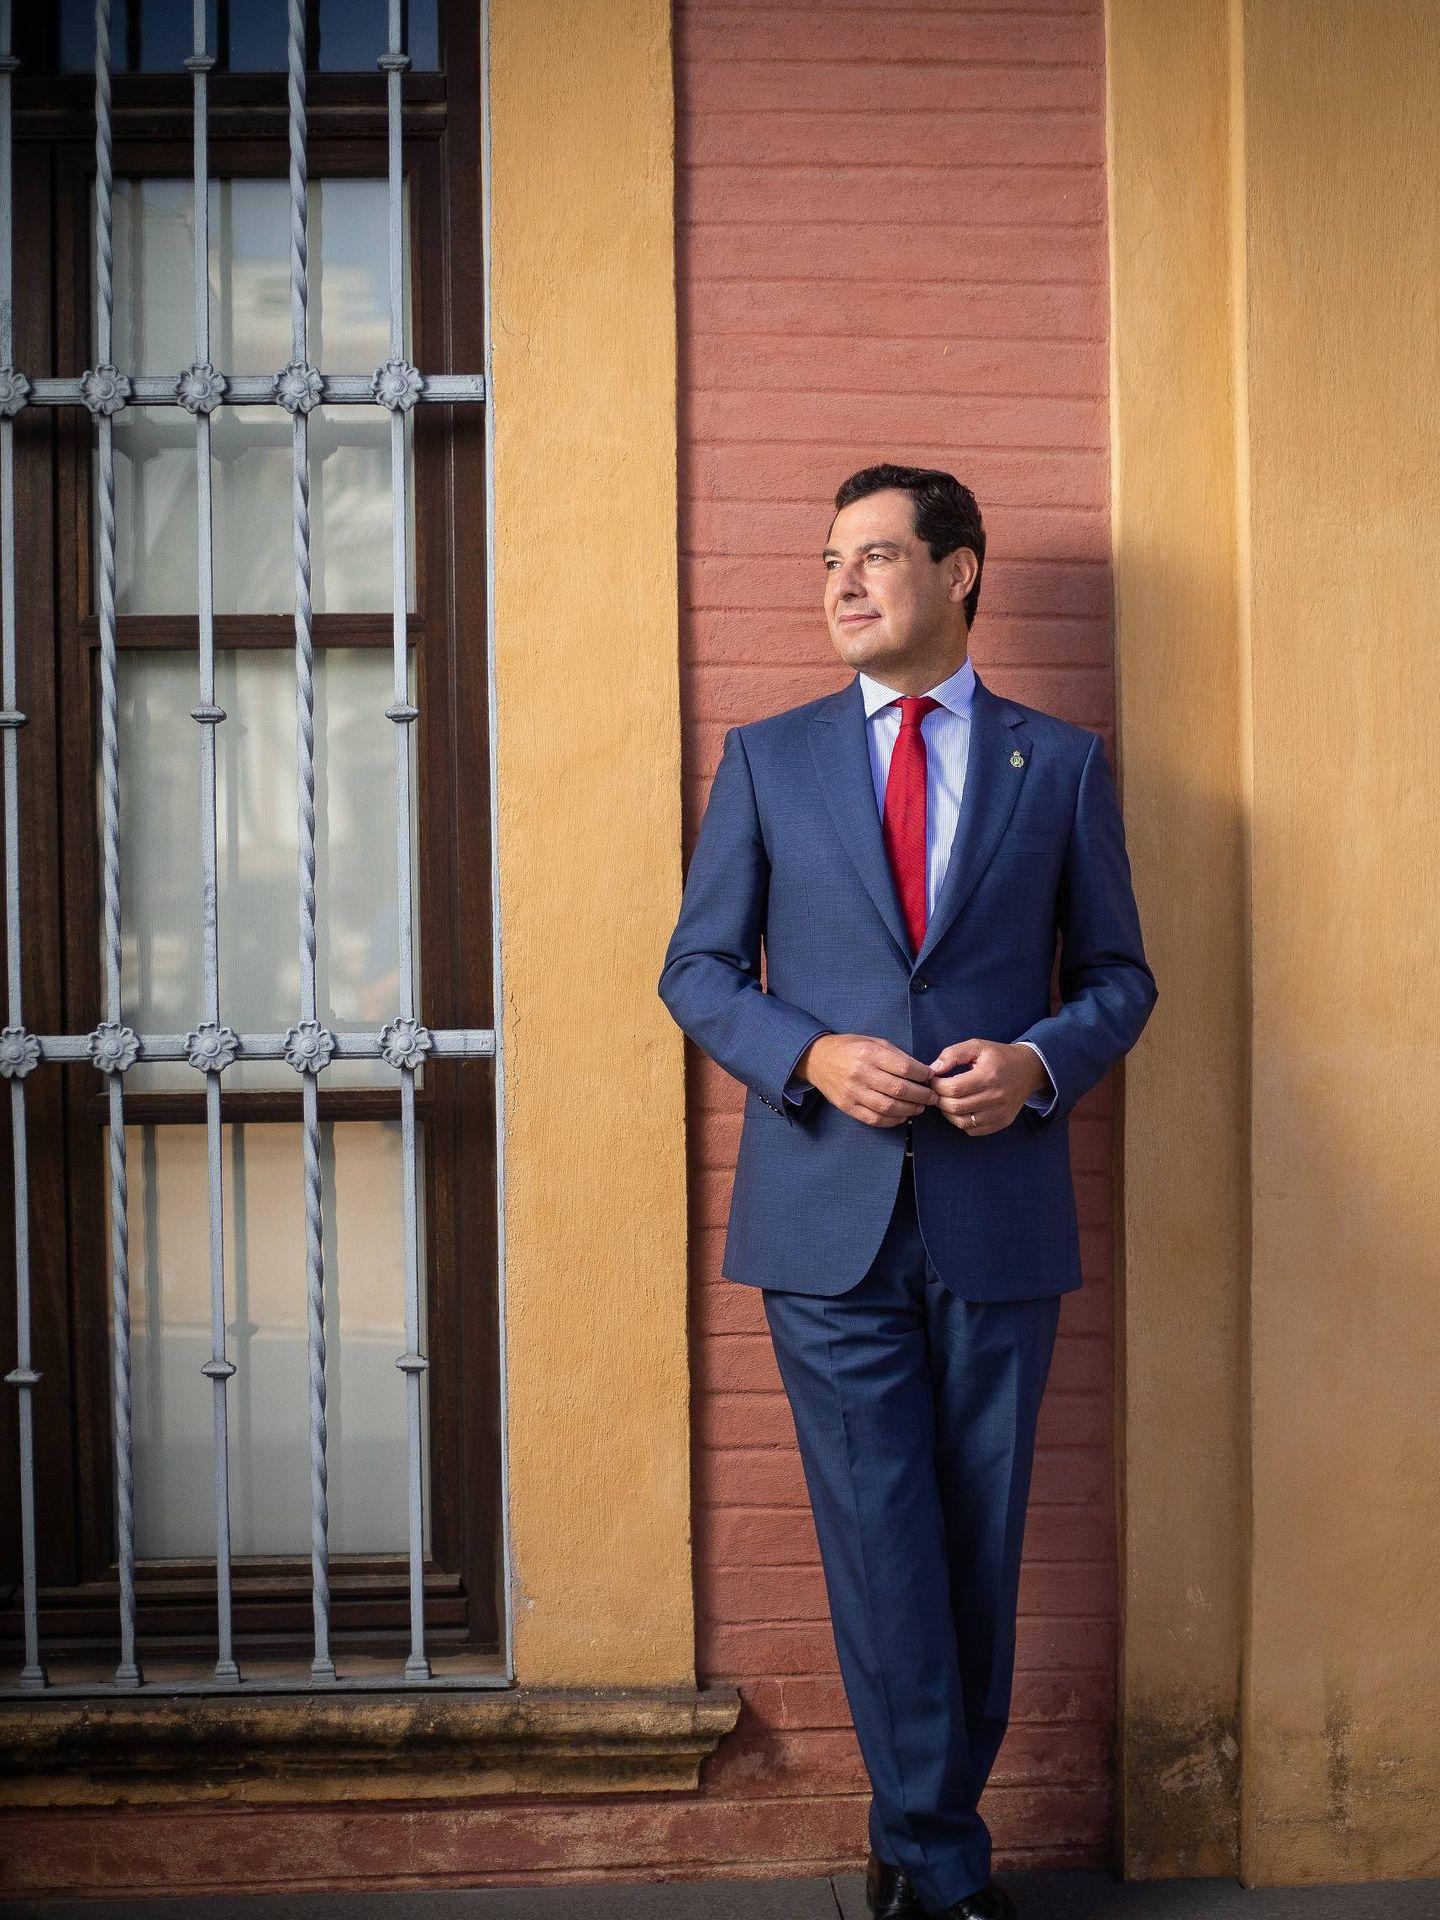 El presidente de la Junta de Andalucía, Juan Manuel Moreno Bonilla. (Fotos: Fernando Ruso)